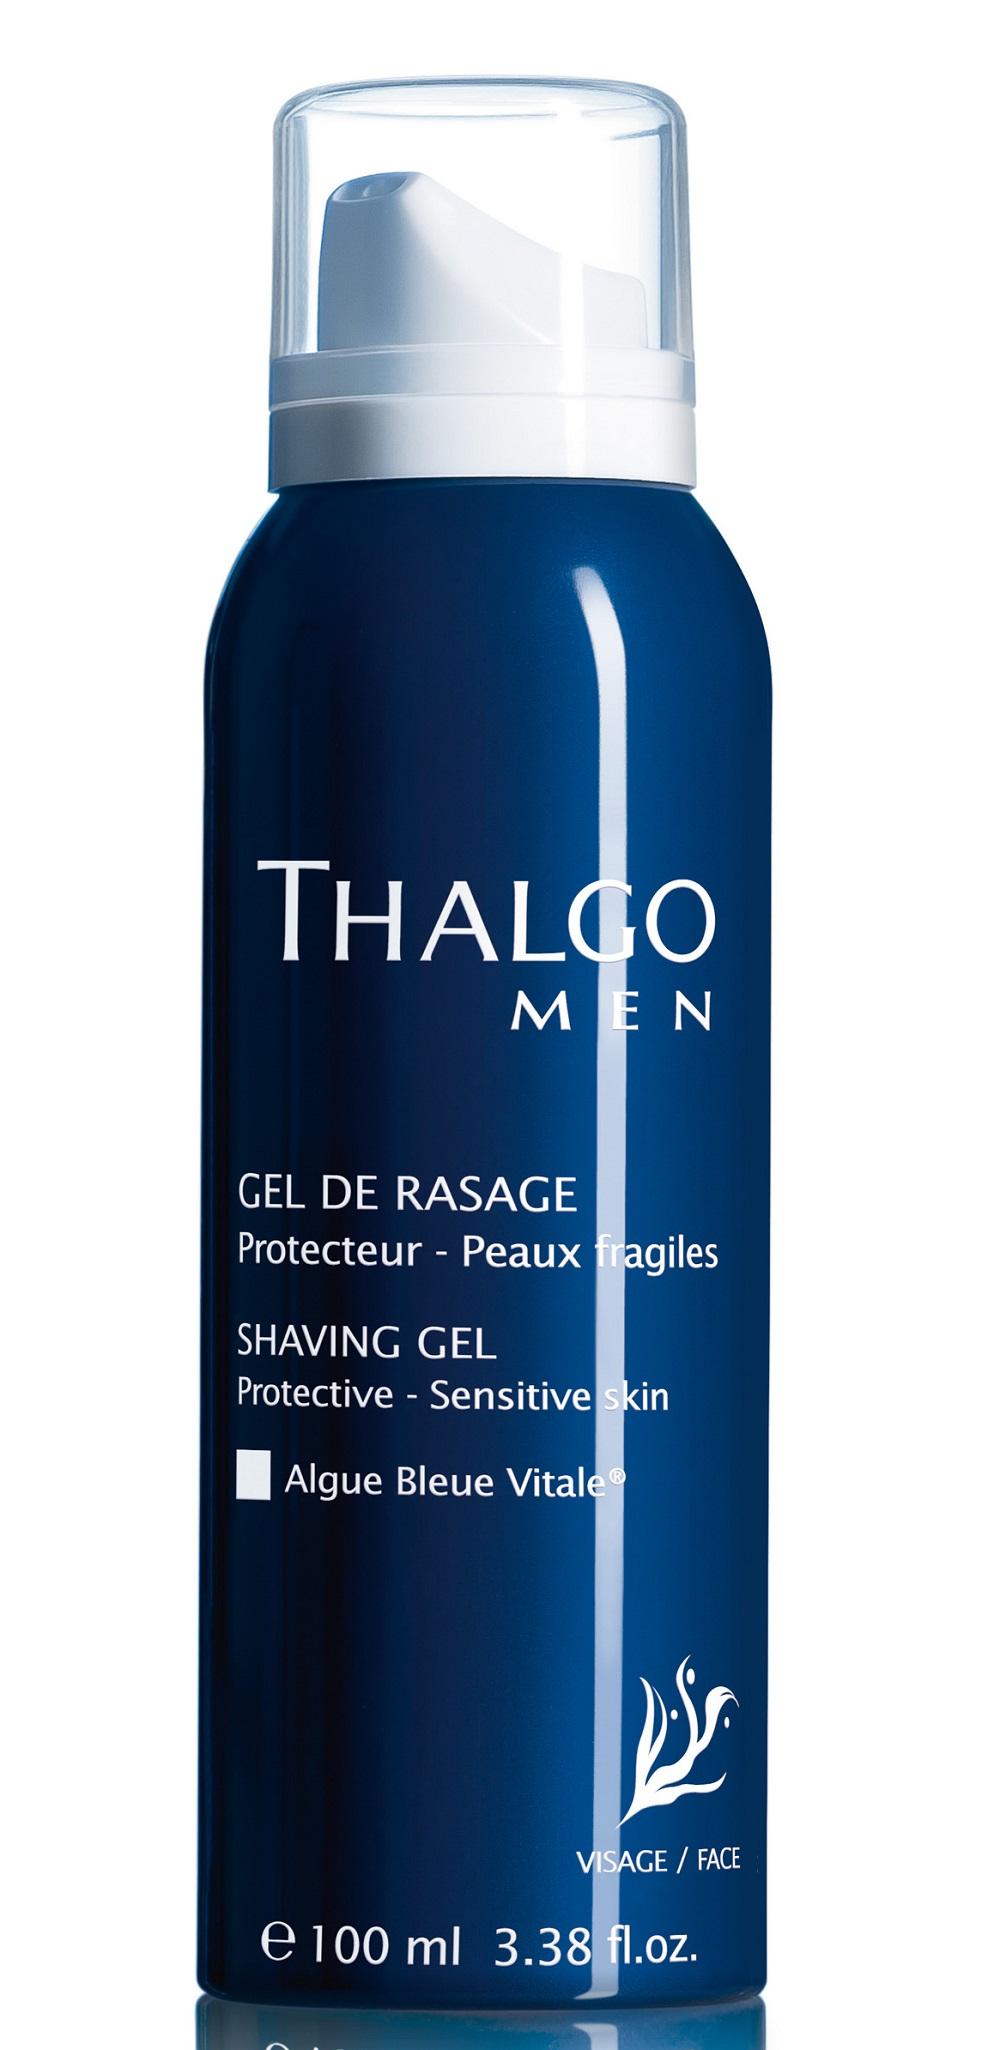 Thalgo Гель для бритья, 100 мл (Thalgo, Thalgomen)